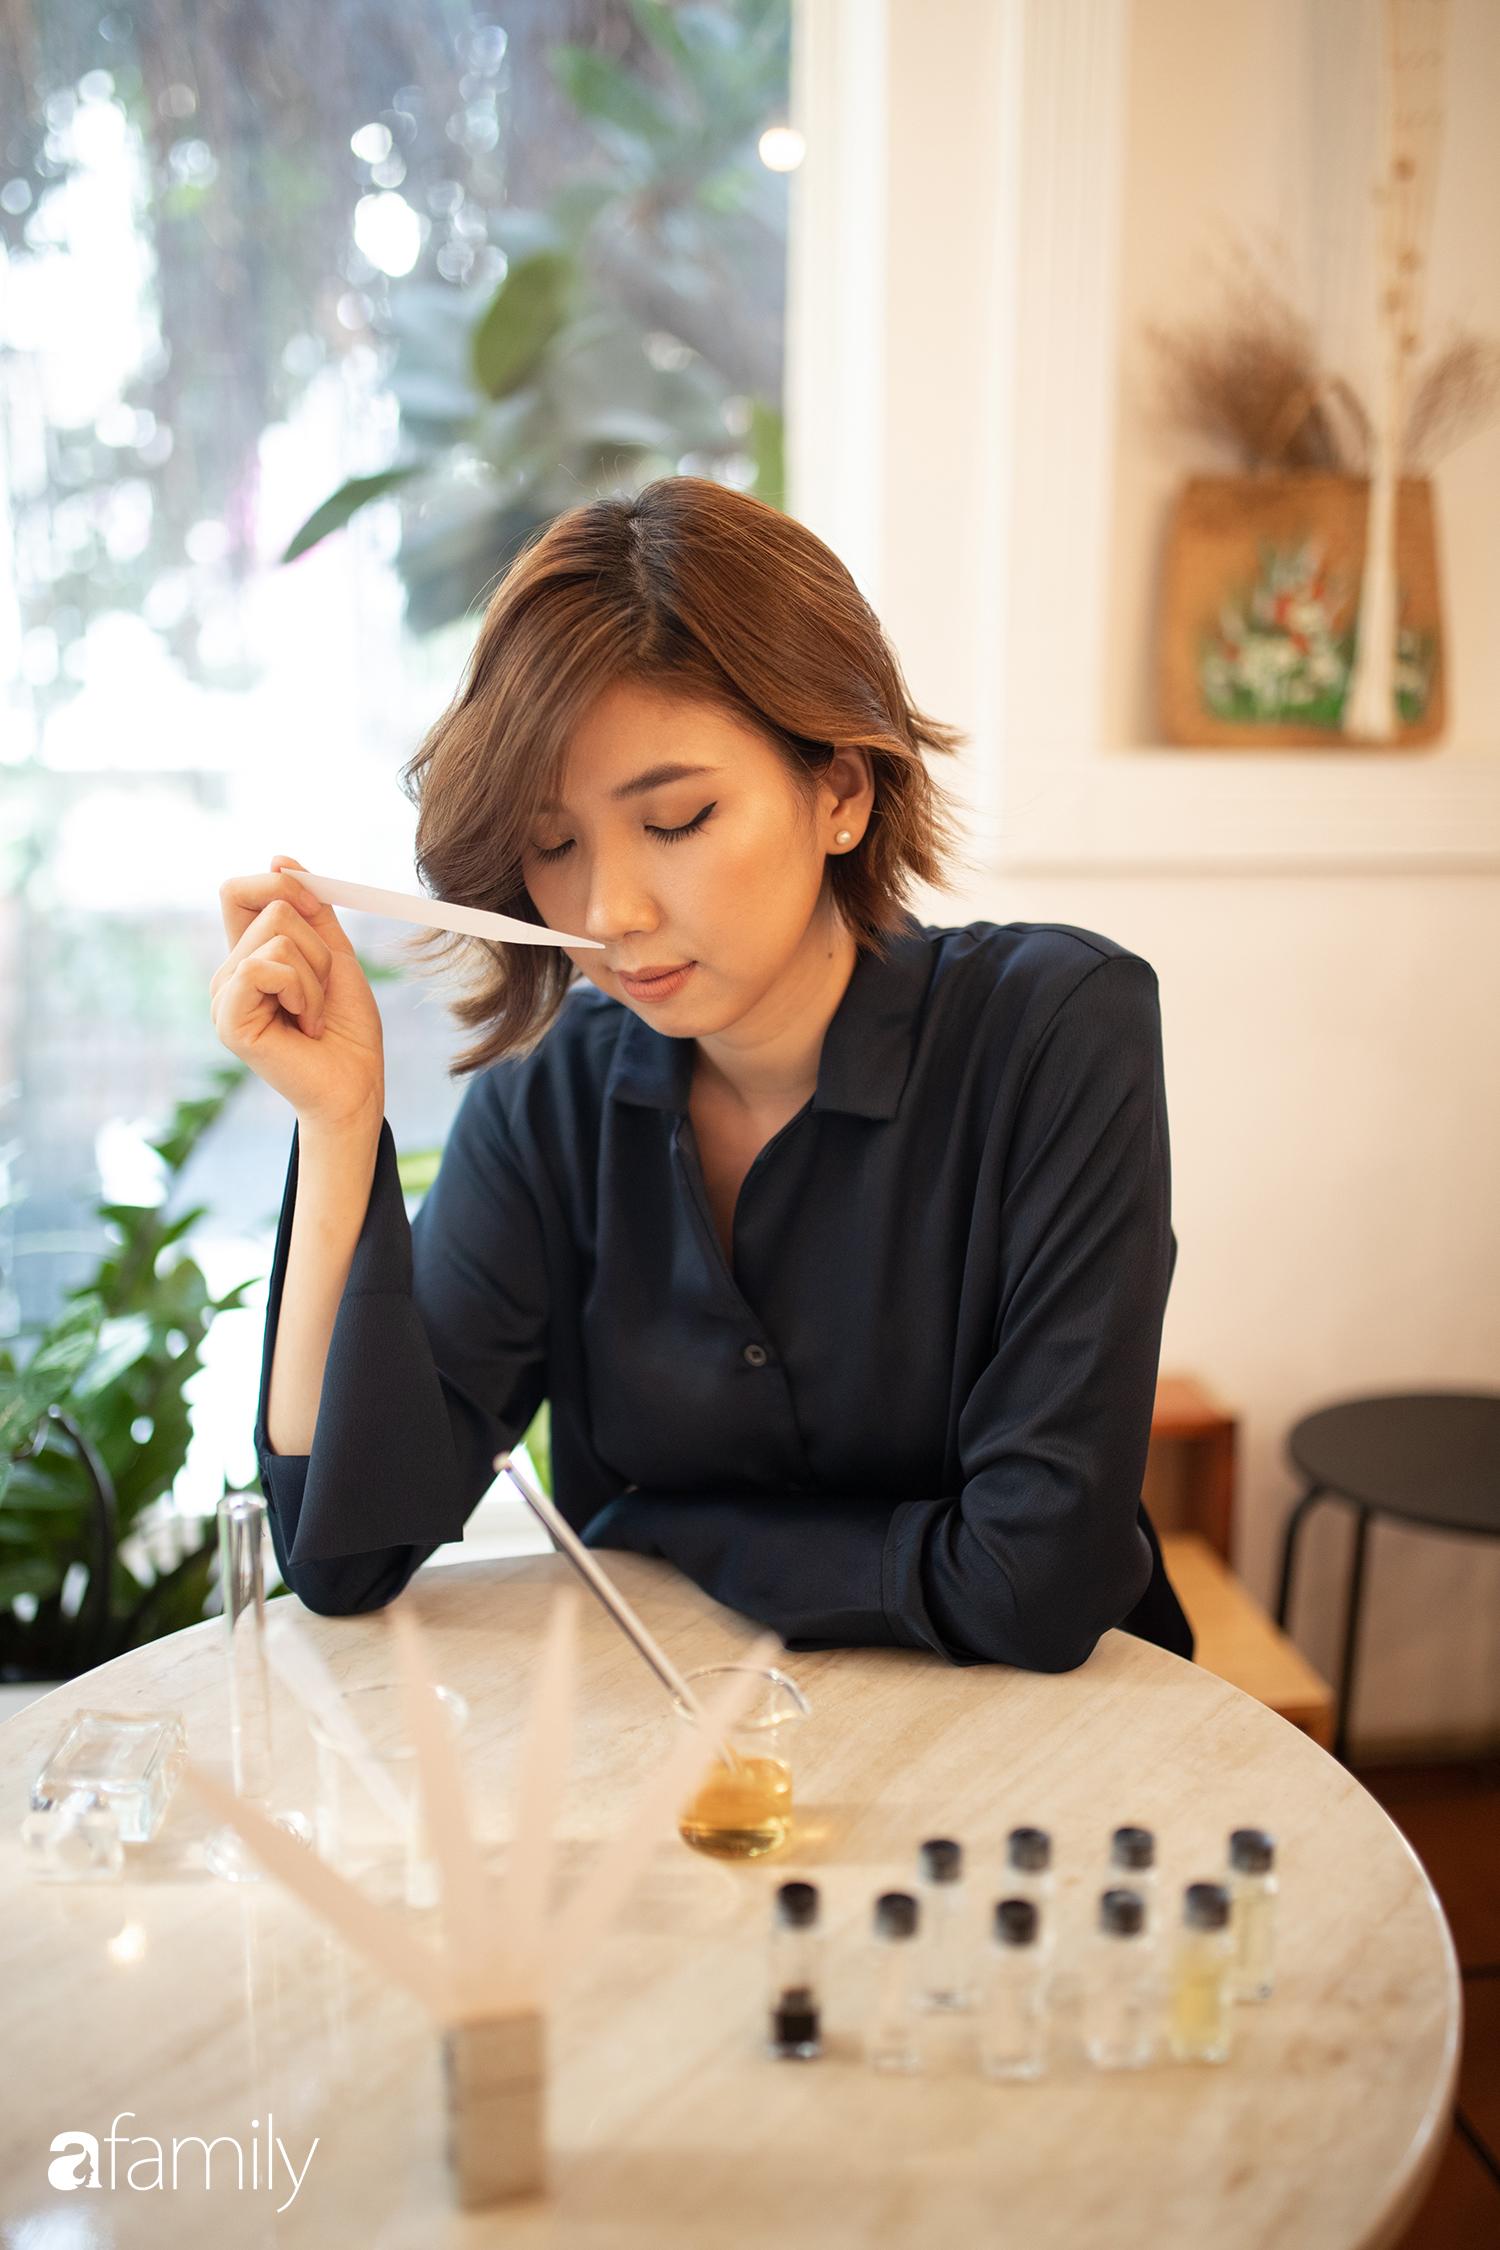 Rei Nguyễn - Nghệ sĩ nước hoa người Việt đầu tiên tổ chức triển lãm tại Nhật Bản, từ bỏ nghề Ngân hàng để được cháy hết mình trong thế giới mùi hương - Ảnh 14.